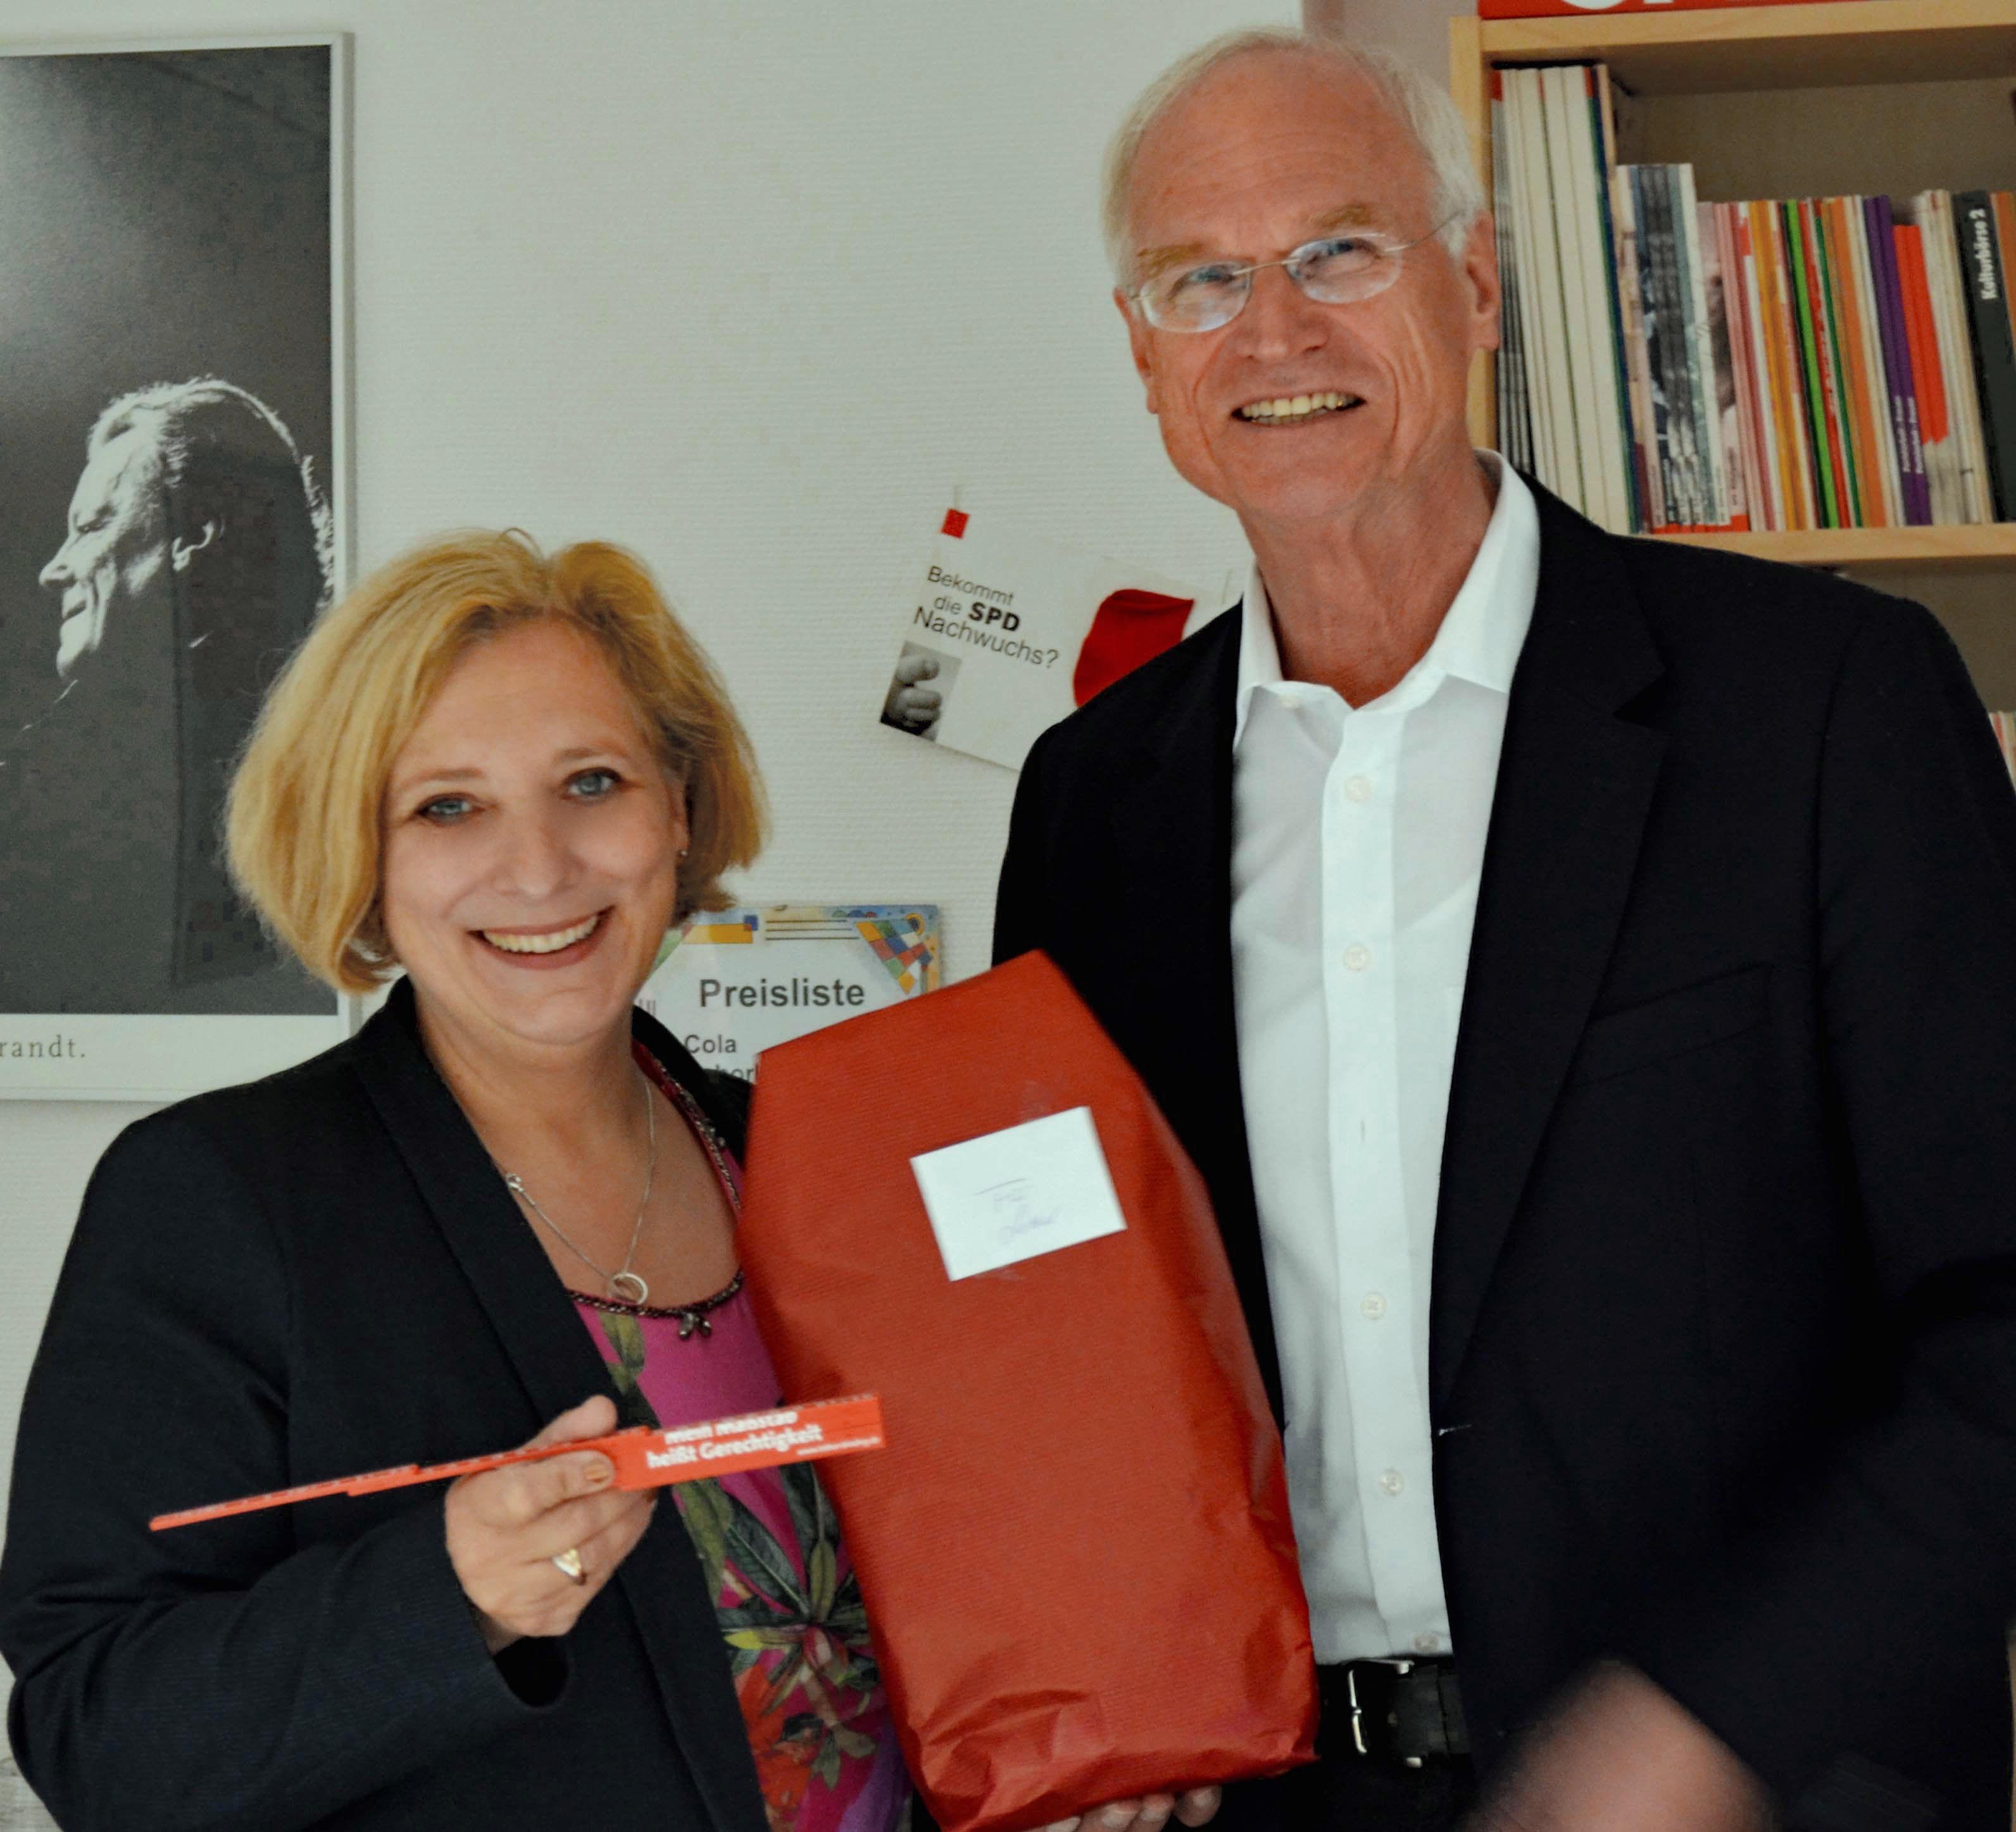 Dr. Daniela De Ridder und Lothar Binding